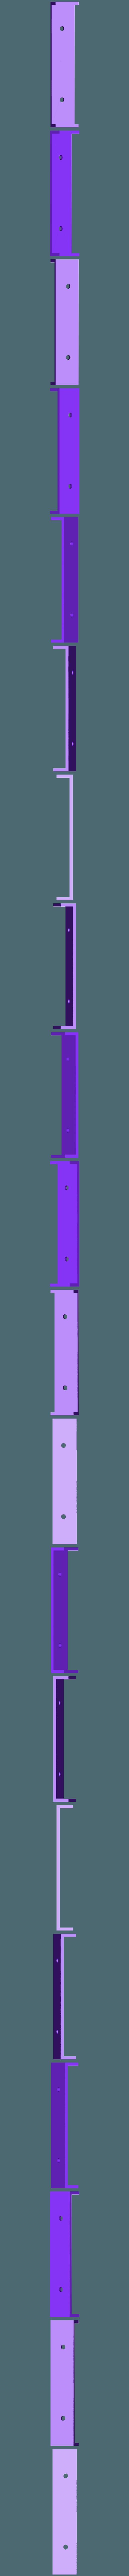 Adimlab_Control_Box_Adapter_v4.stl Télécharger fichier STL gratuit Porte-bobine à centre ajustable • Design pour imprimante 3D, jonbourg